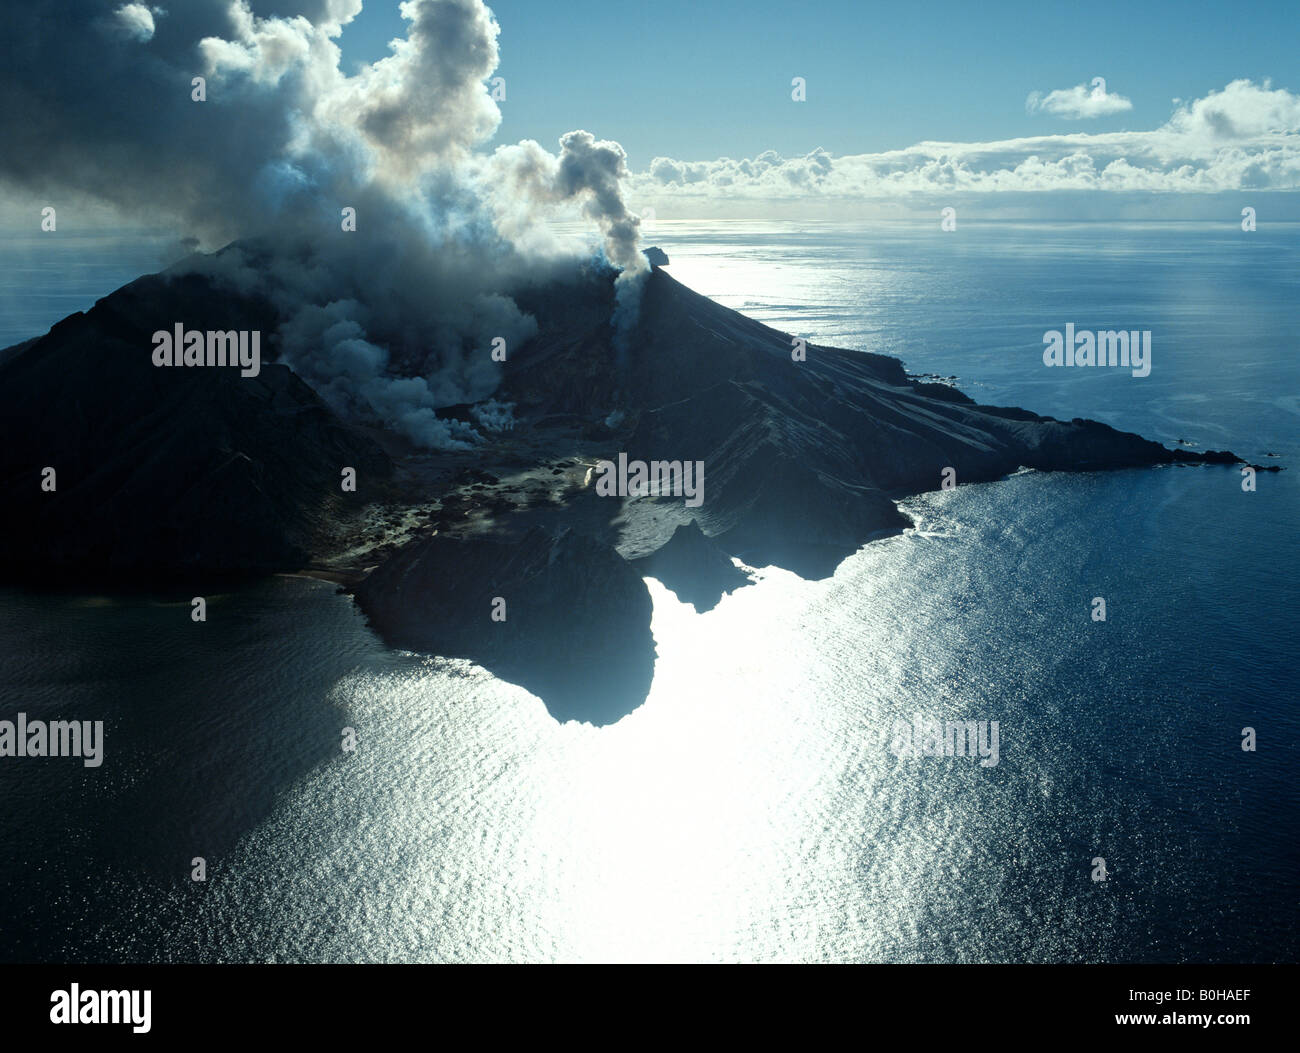 Isla Blanca, erupción volcánica, Bahía de Plenty, Isla del Norte, Nueva Zelanda Foto de stock